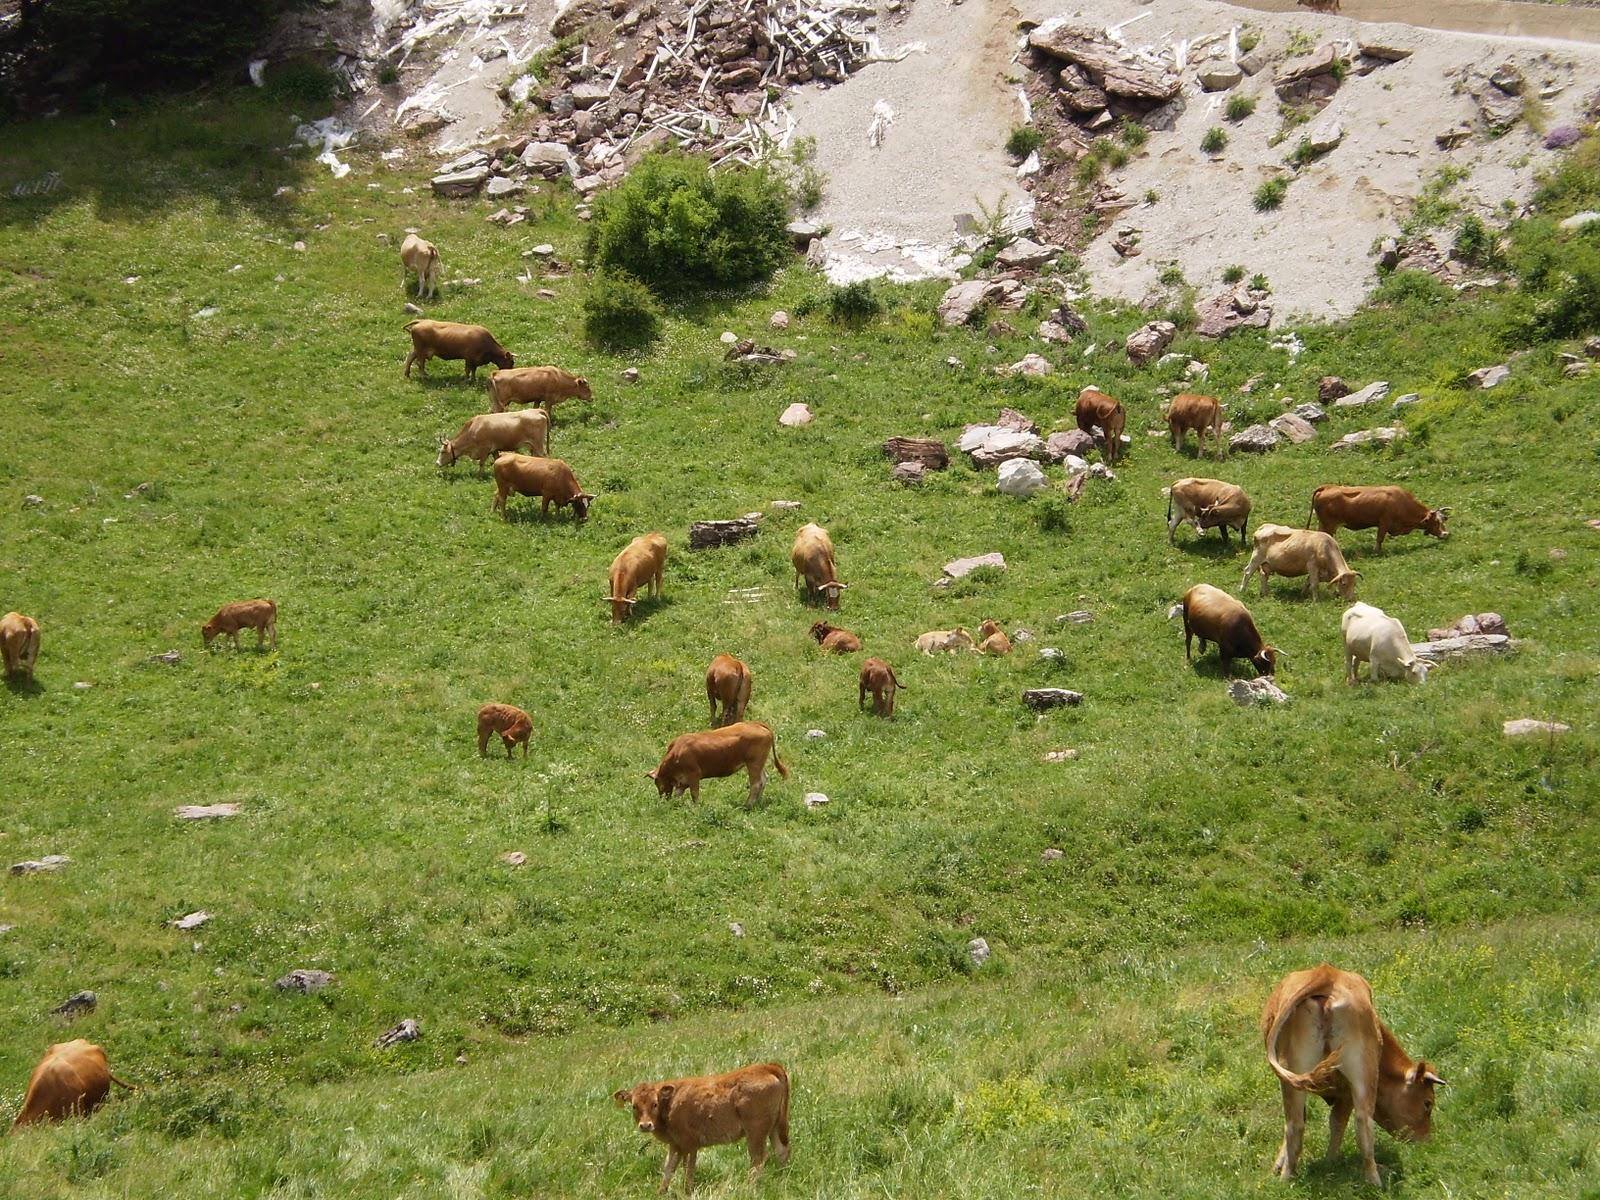 ΄΄Σοβαρά προβλήματα αντιμετωπίζουν οι κτηνοτρόφοι από την καταγραφή των επιλέξιμων βοσκήσιμων εκτάσεων ΄΄